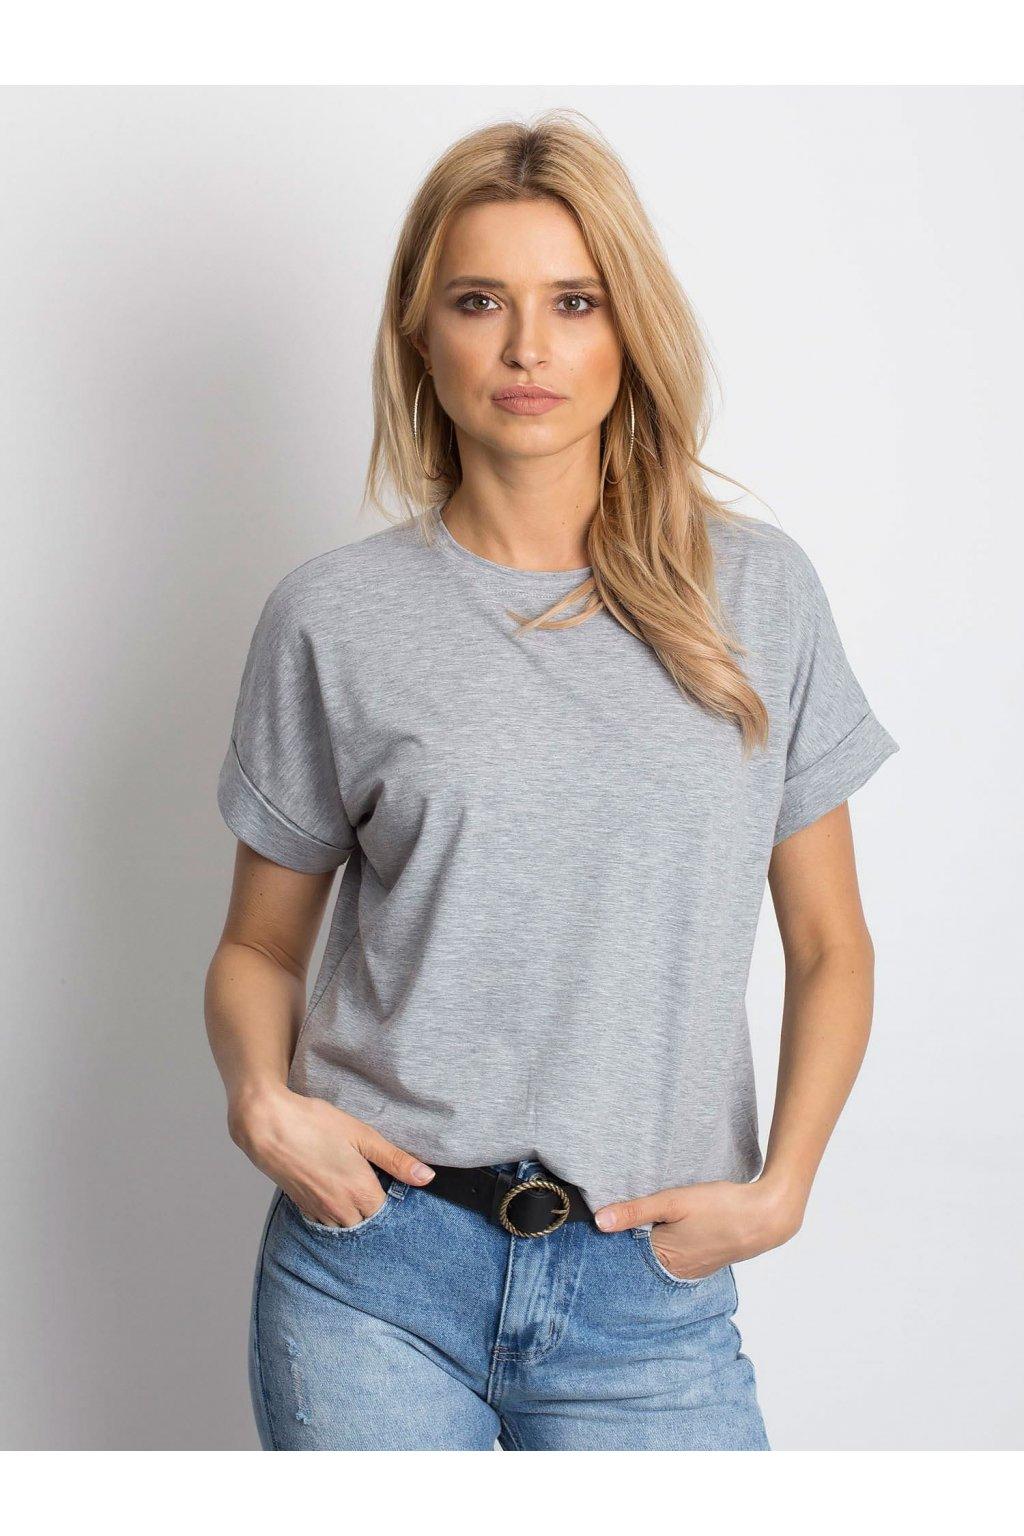 Dámske tričko jednofarebné kód RV-TS-4841.43P